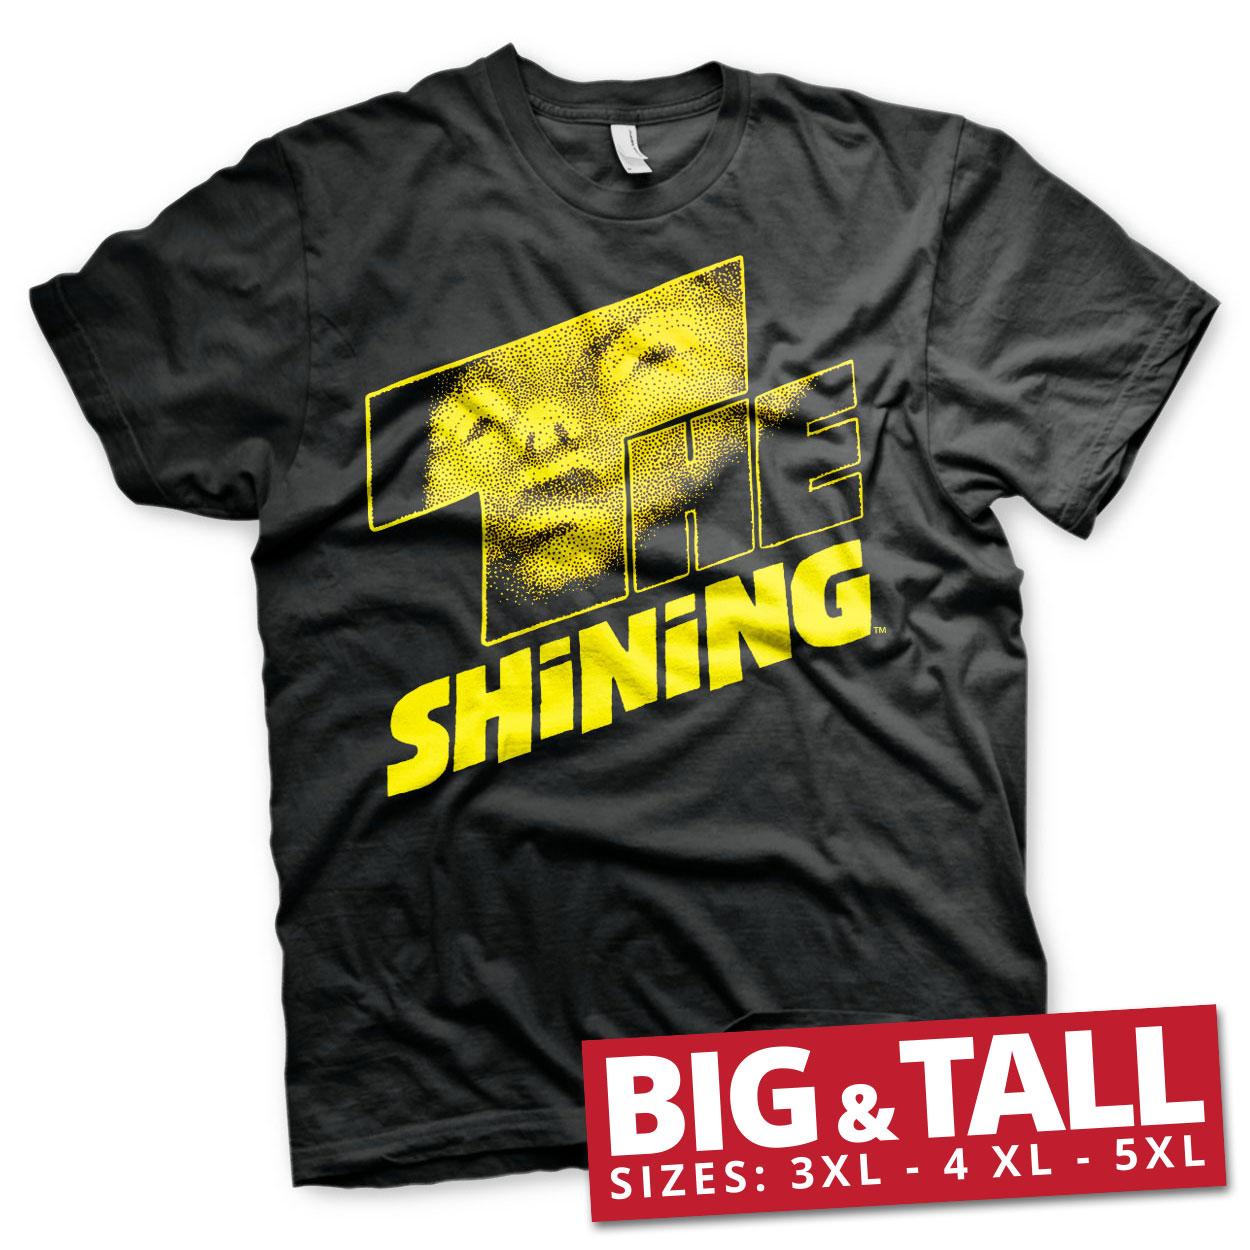 The Shining Big & Tall T-Shirt